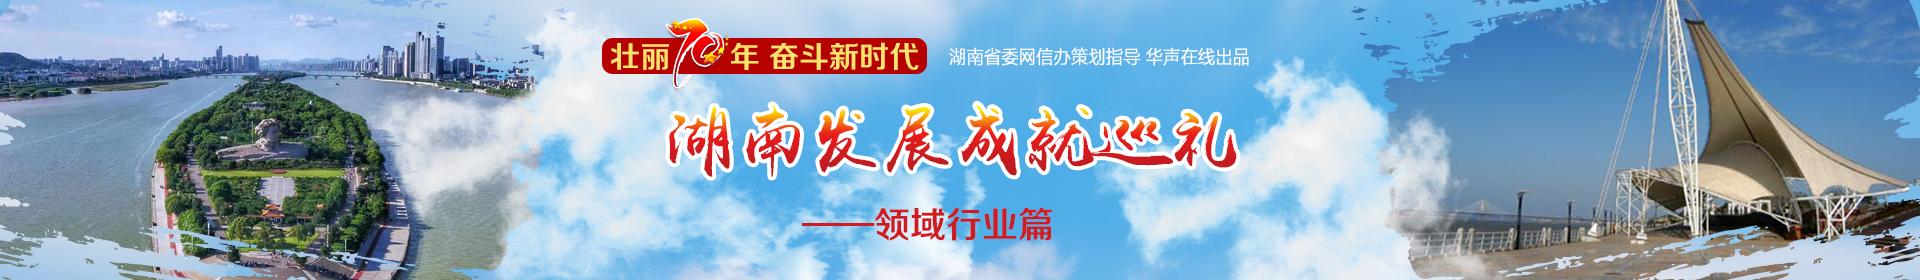 壮丽70年·奋斗新时代——湖南发展成就巡礼·领域行业篇